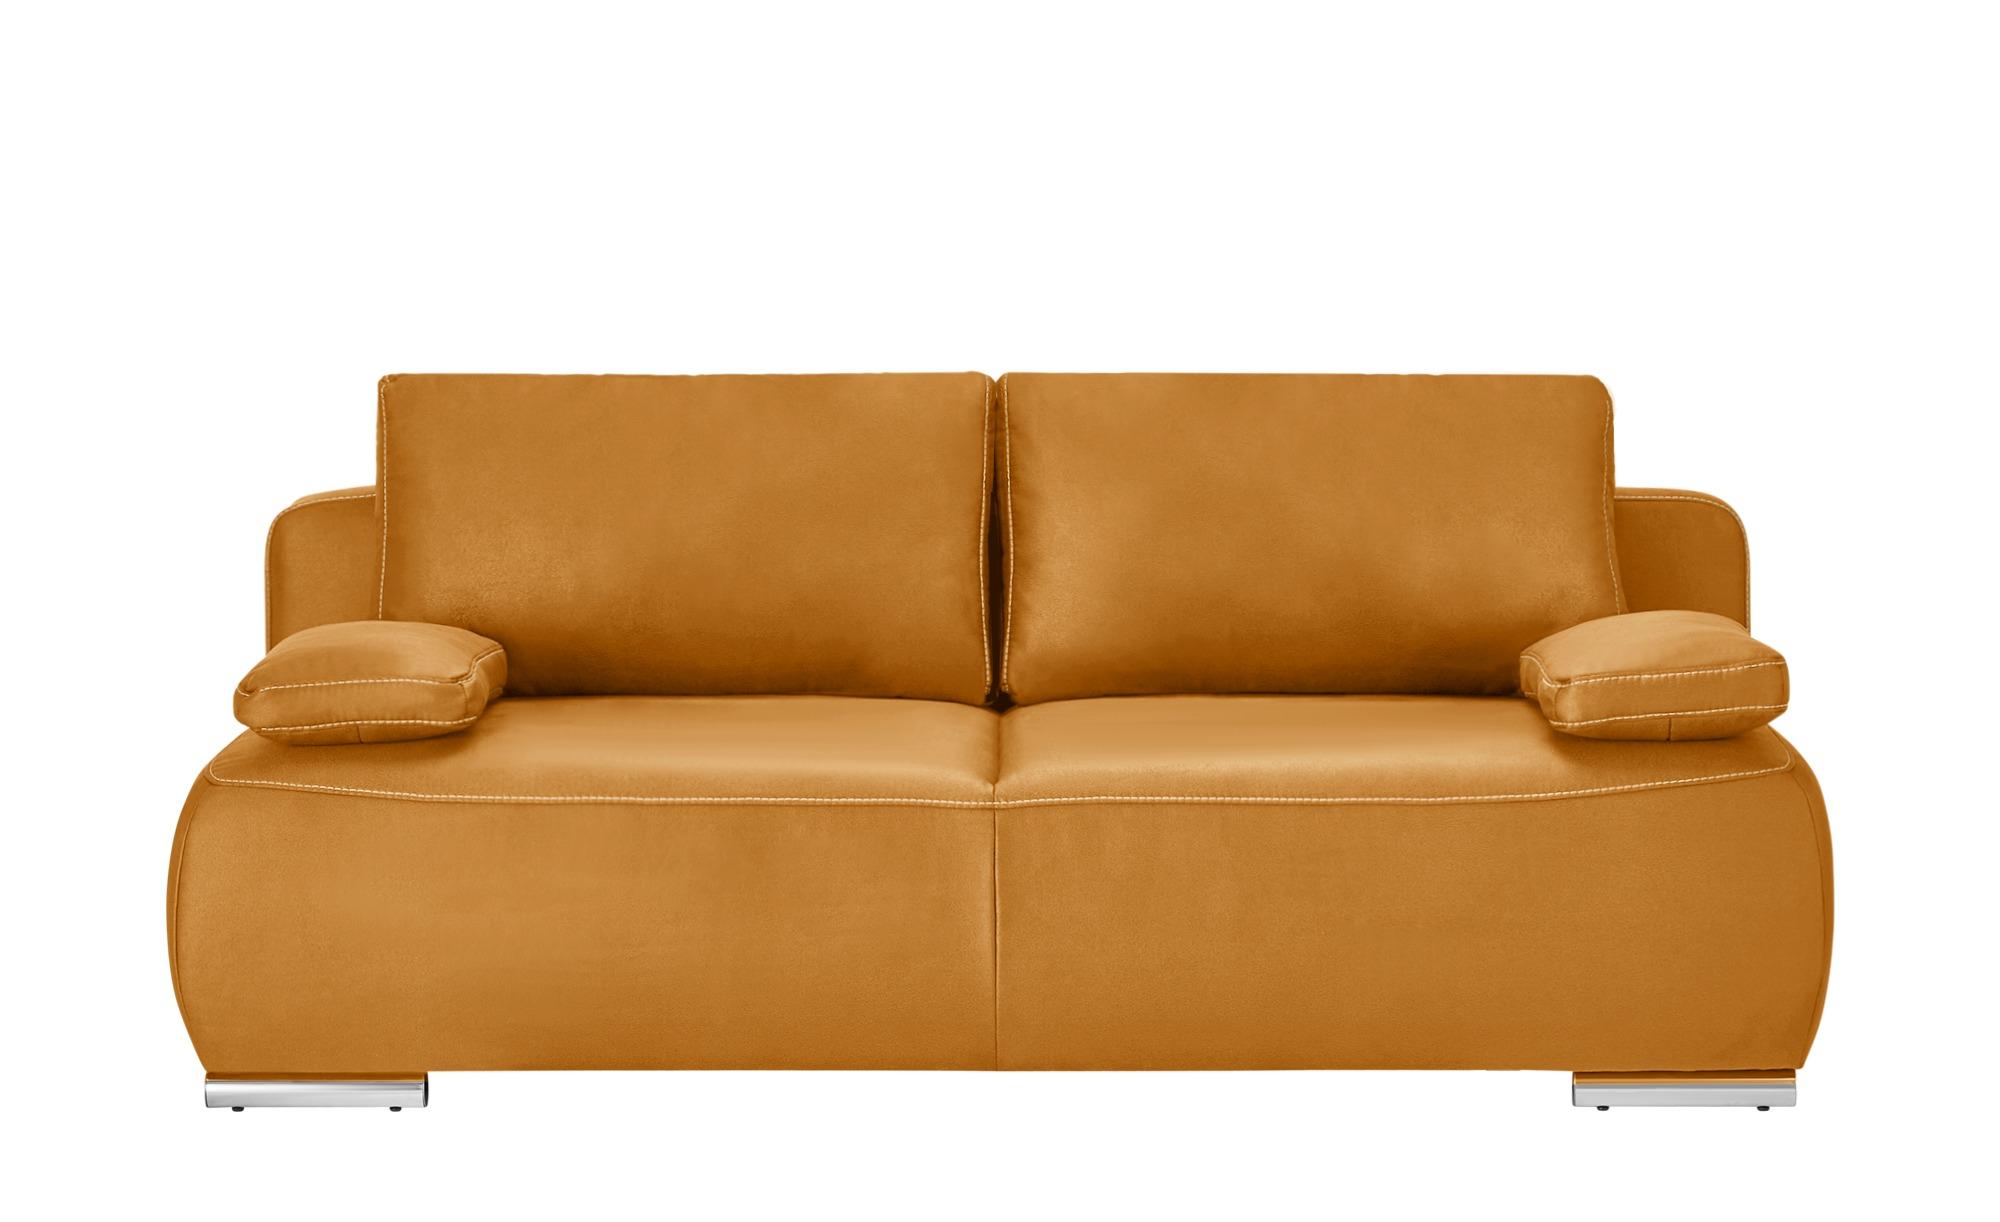 bobb Schlafsofa gelb - Mikrofaser Neila Deluxe ¦ gelb ¦ Maße (cm): B: 204 H: 86 T: 96 Polstermöbel > Sofas > 3-Sitzer - Höffner